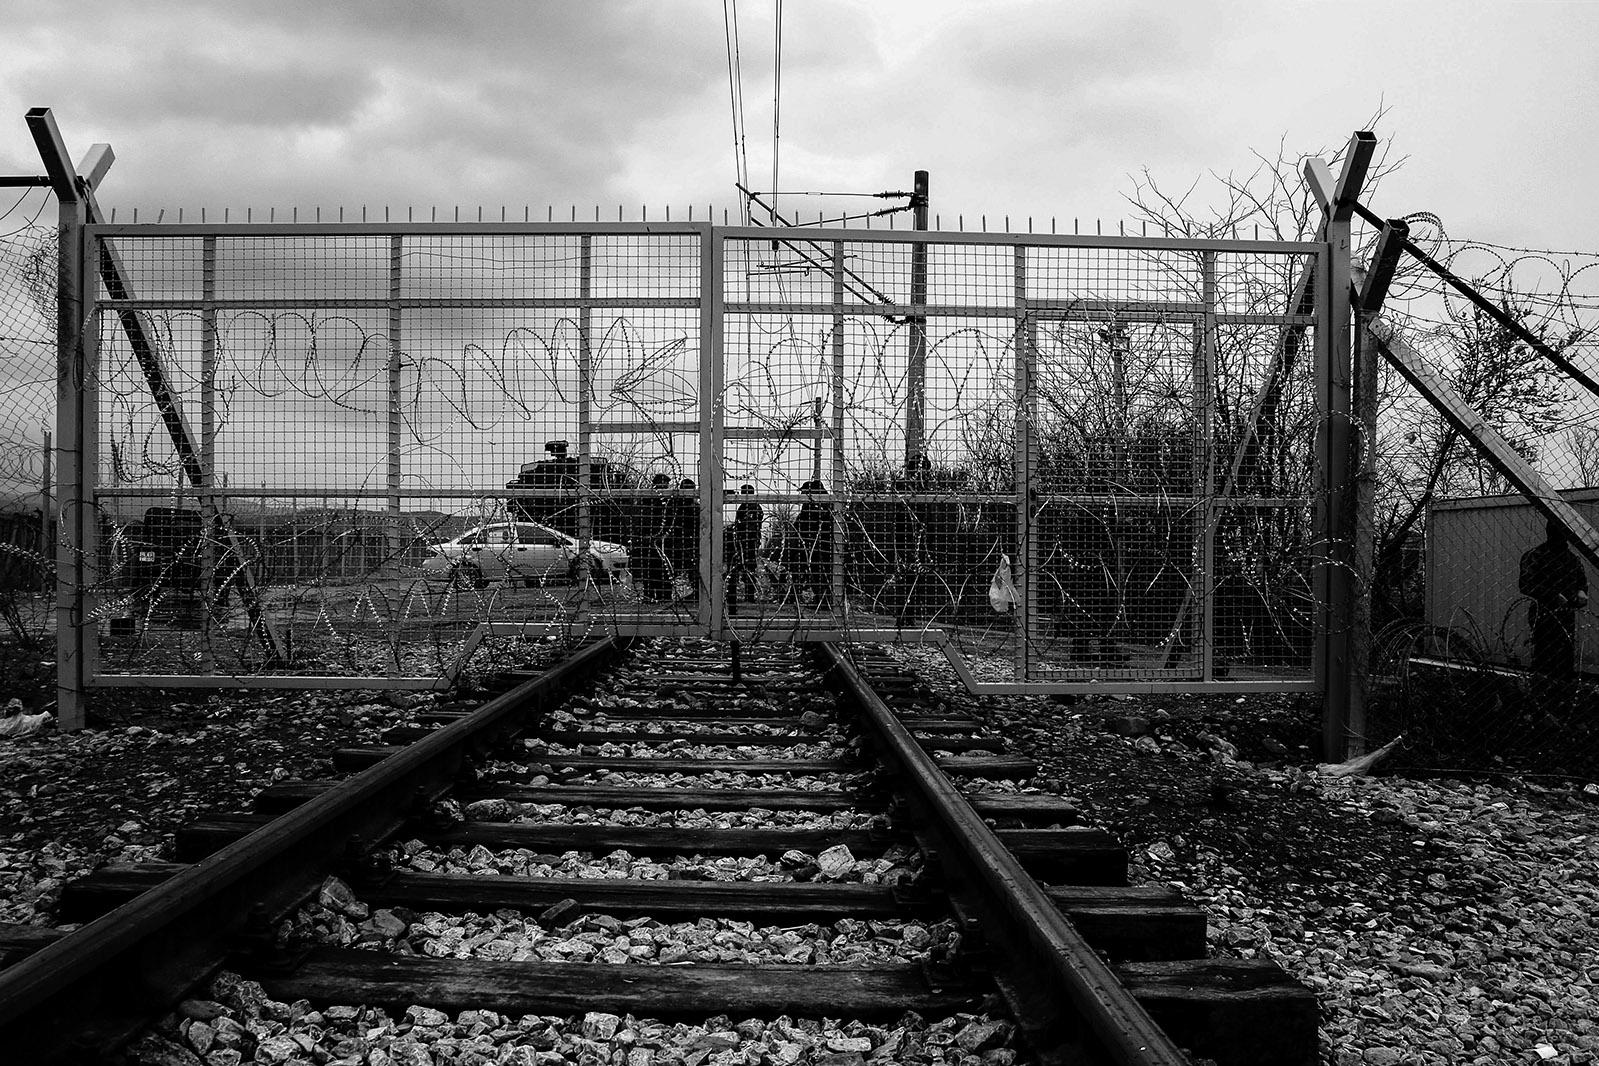 doppia-recinzione-con-filo-spinato-al-confine-greco-macedone-idomeni-grecia-2-2